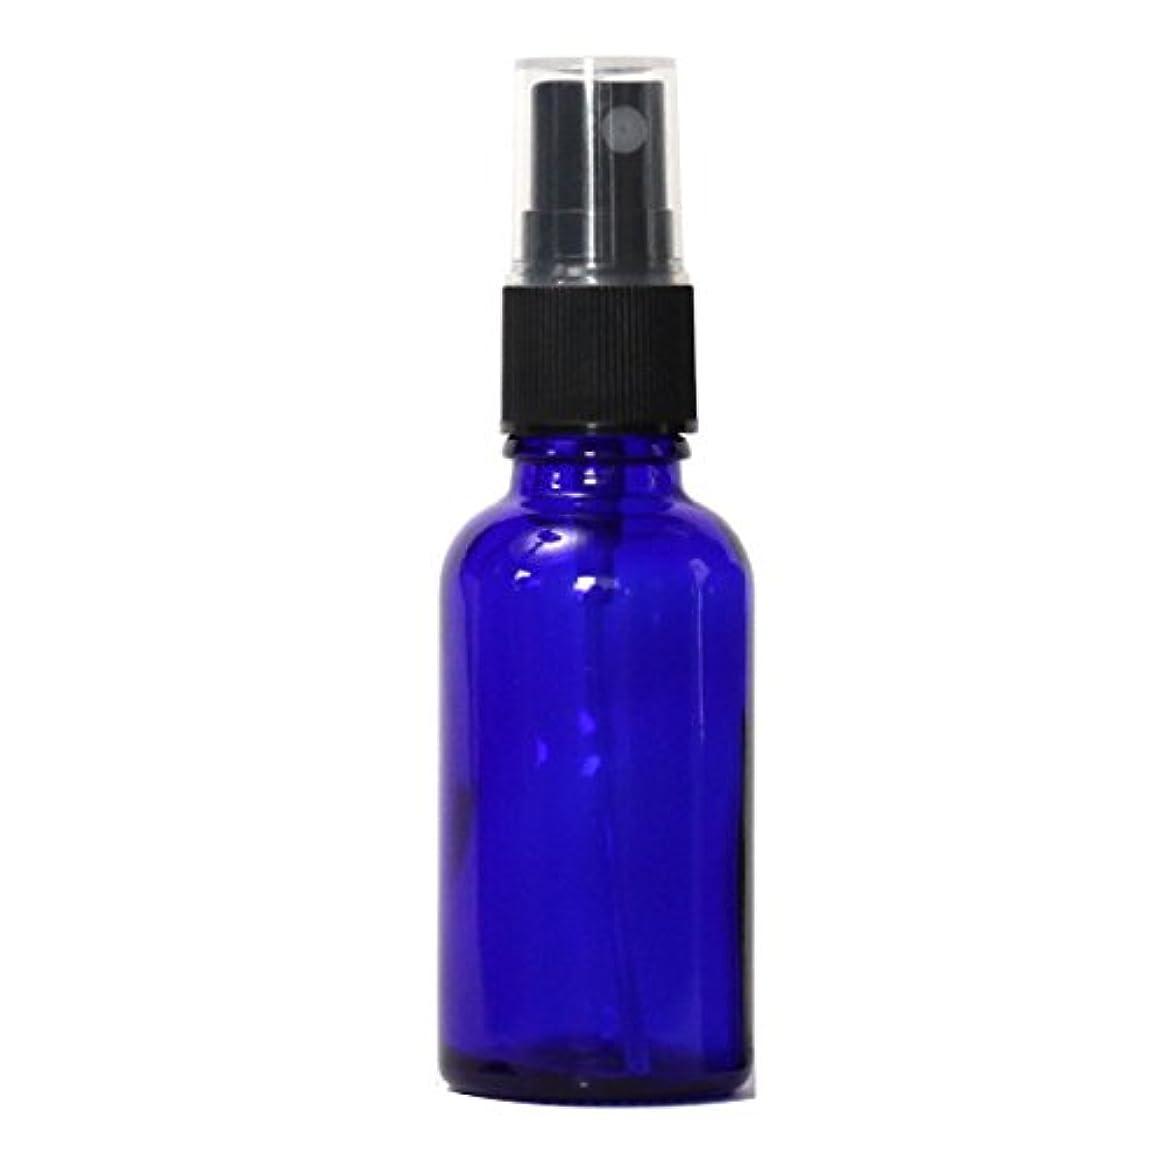 新鮮なカポック先駆者スプレーガラス瓶ボトル 30mL 遮光性ブルー おしゃれガラスアトマイザー 空容器